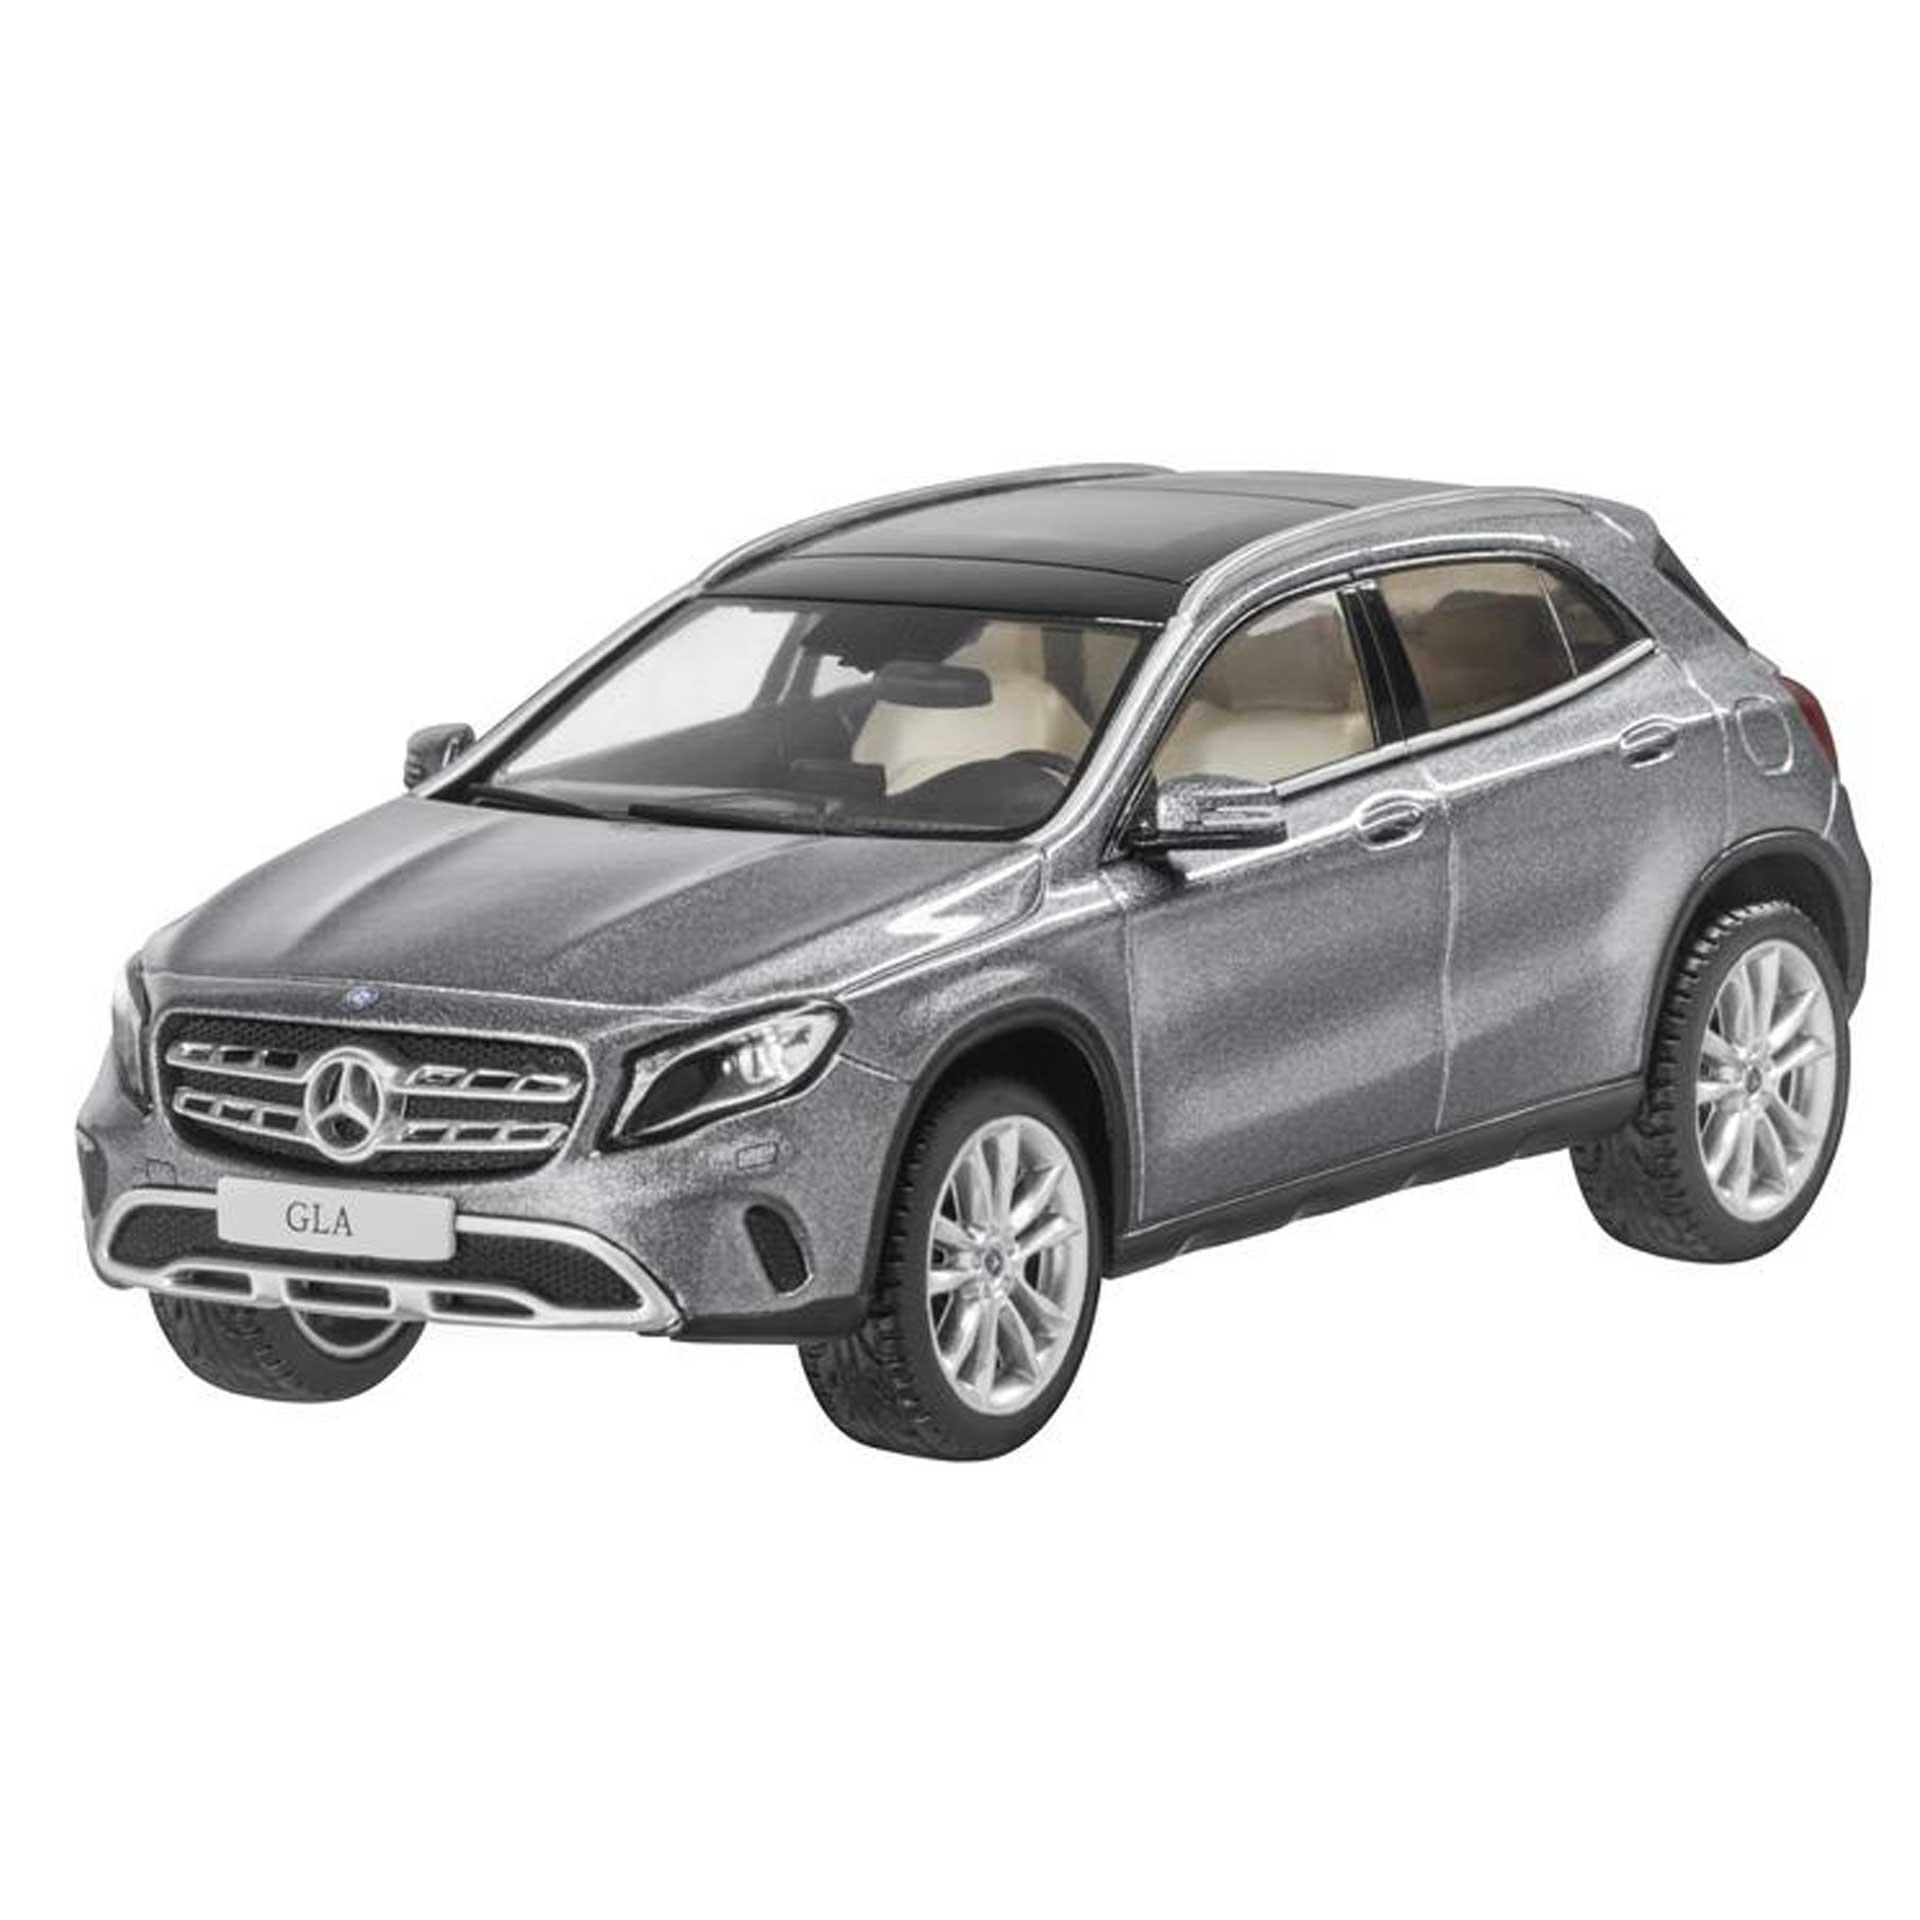 Mercedes-Benz GLA Modellauto X156 1:43 mountaingrau